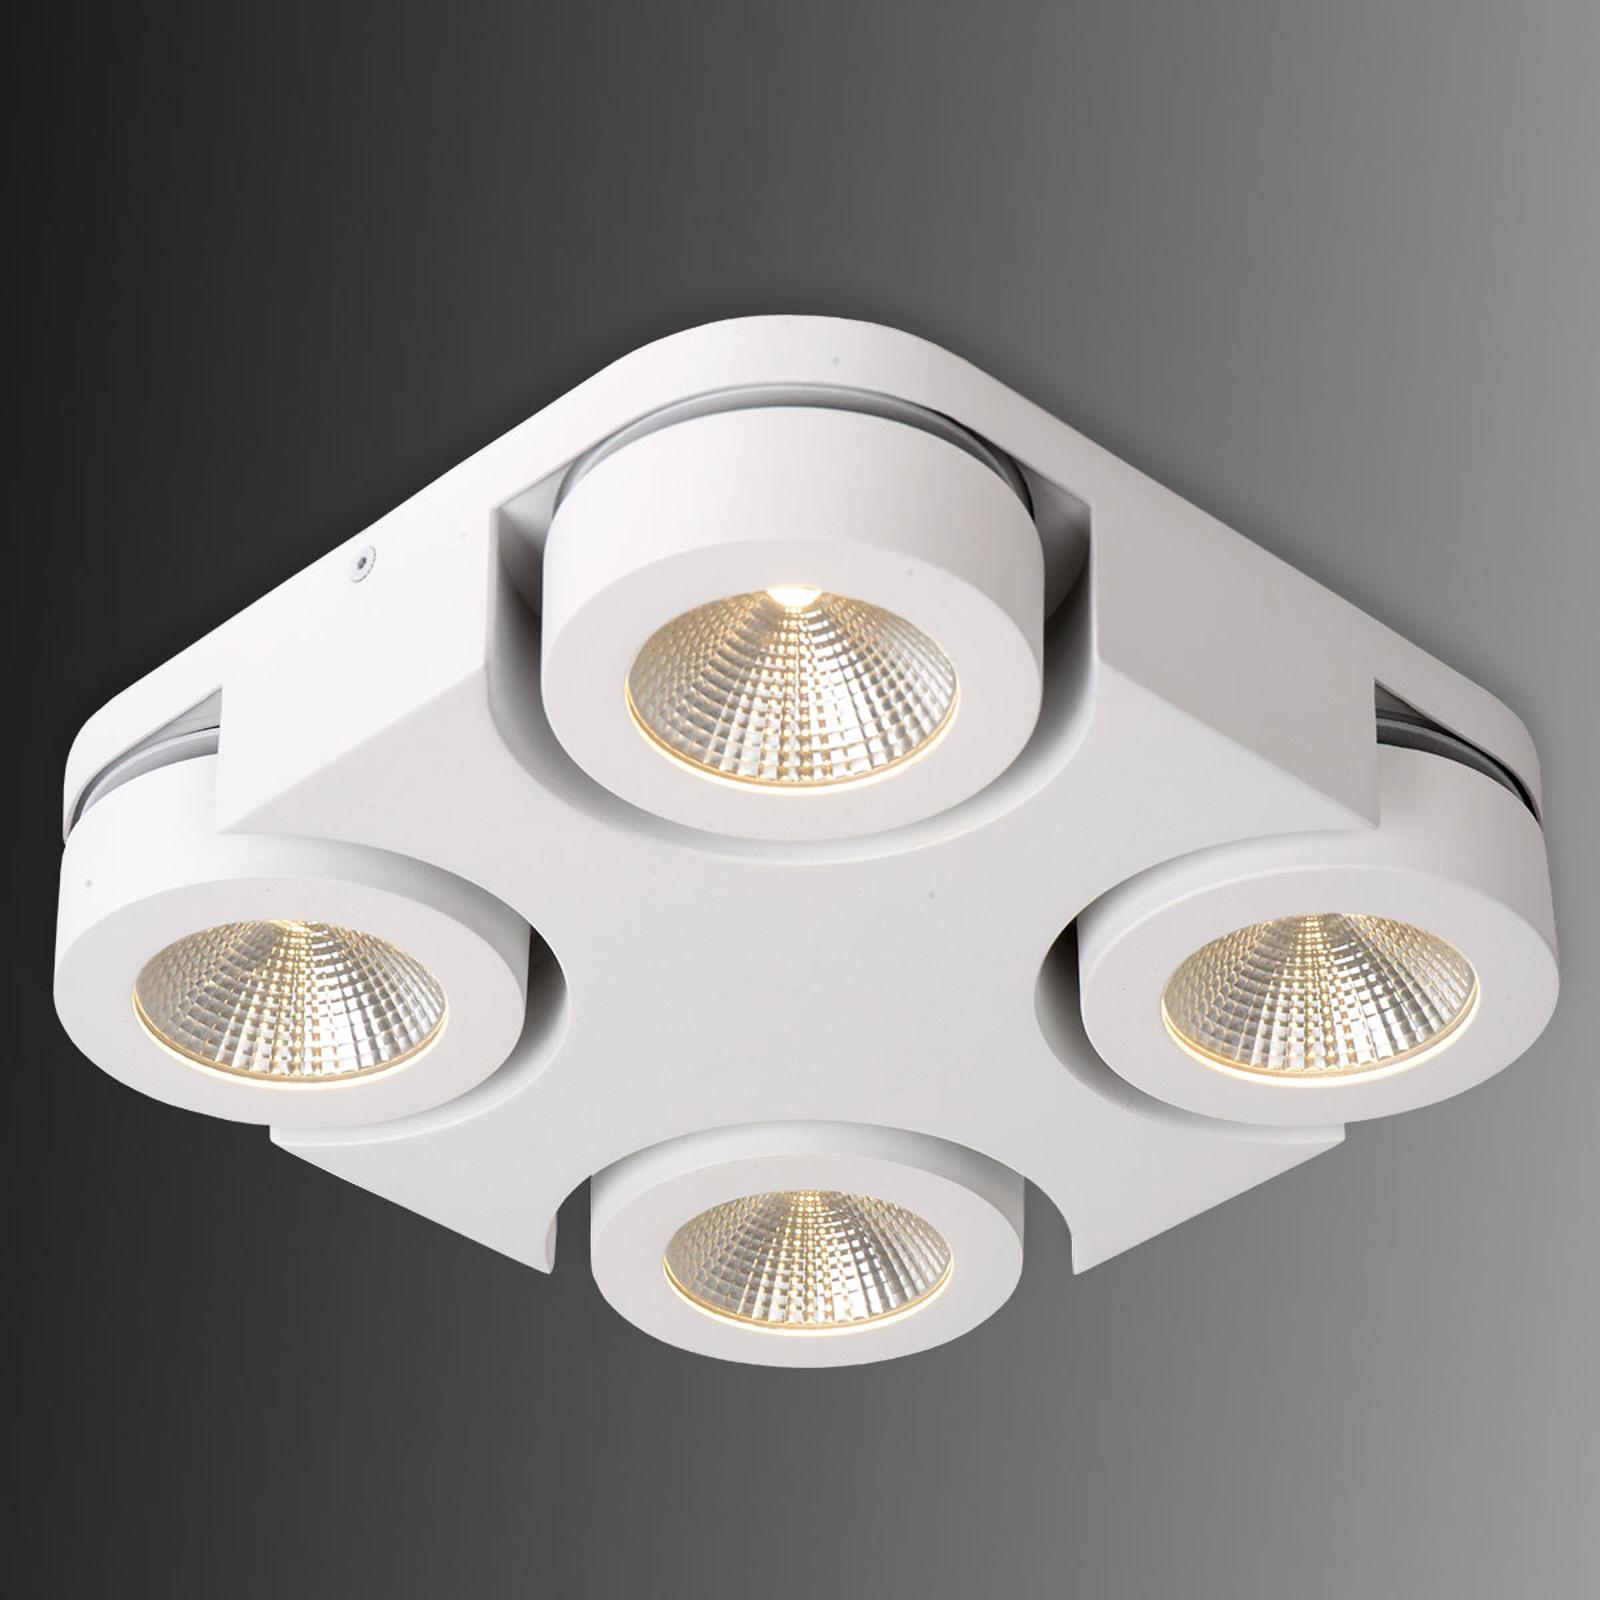 Kwadratowa lampa sufitowa LED Mitrax